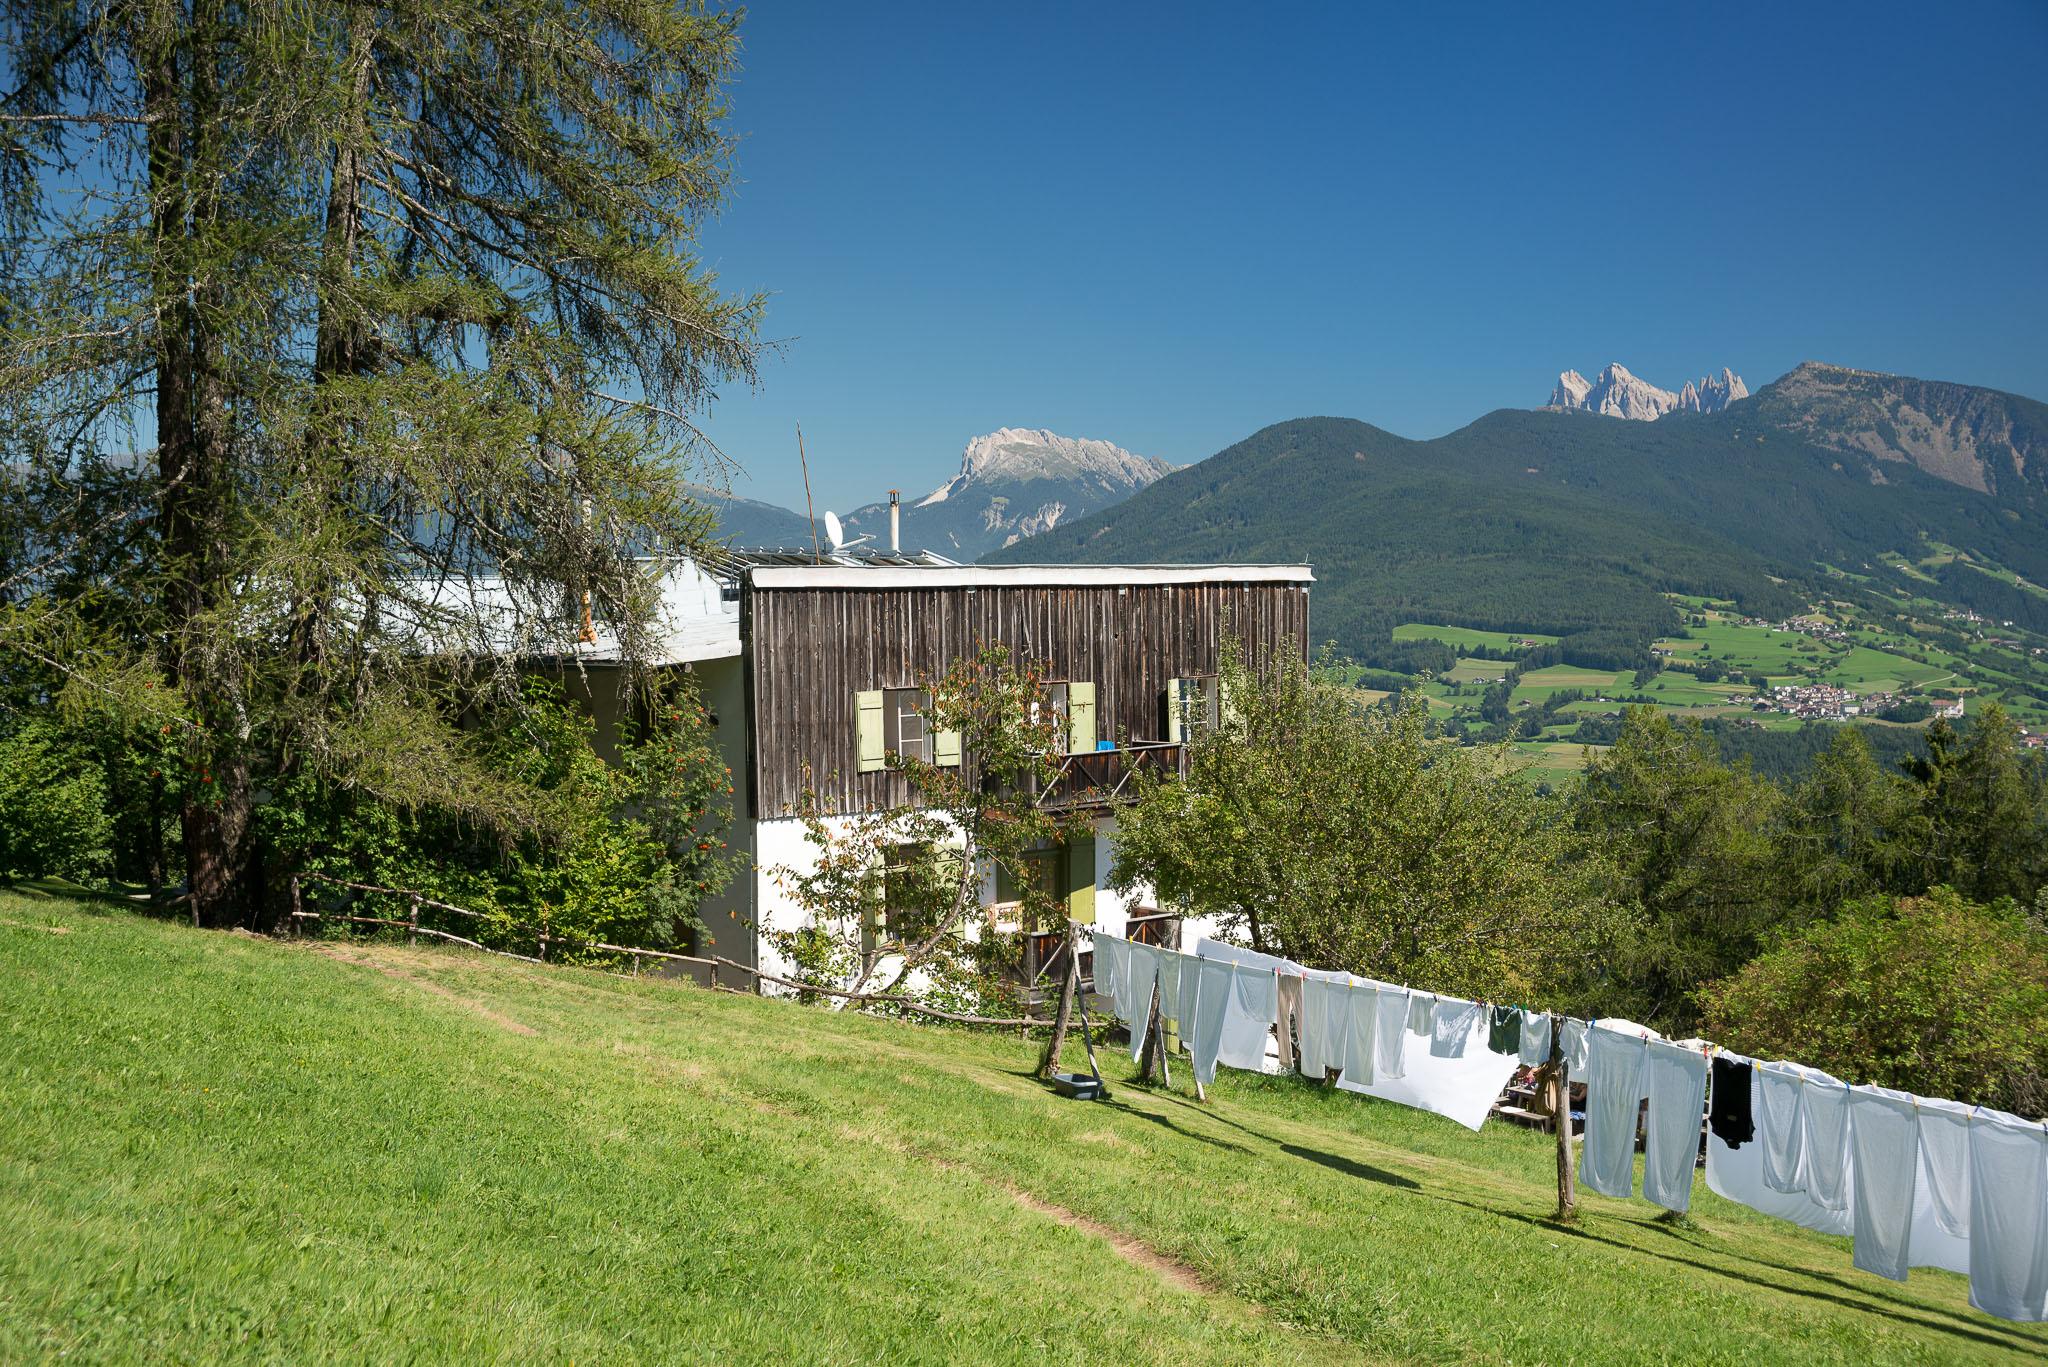 Blick von oberhalb auf die Pension Briol, rechts davon hängt die Wäsche auf langen Leinen und am Horizont sieht man die Dolomiten